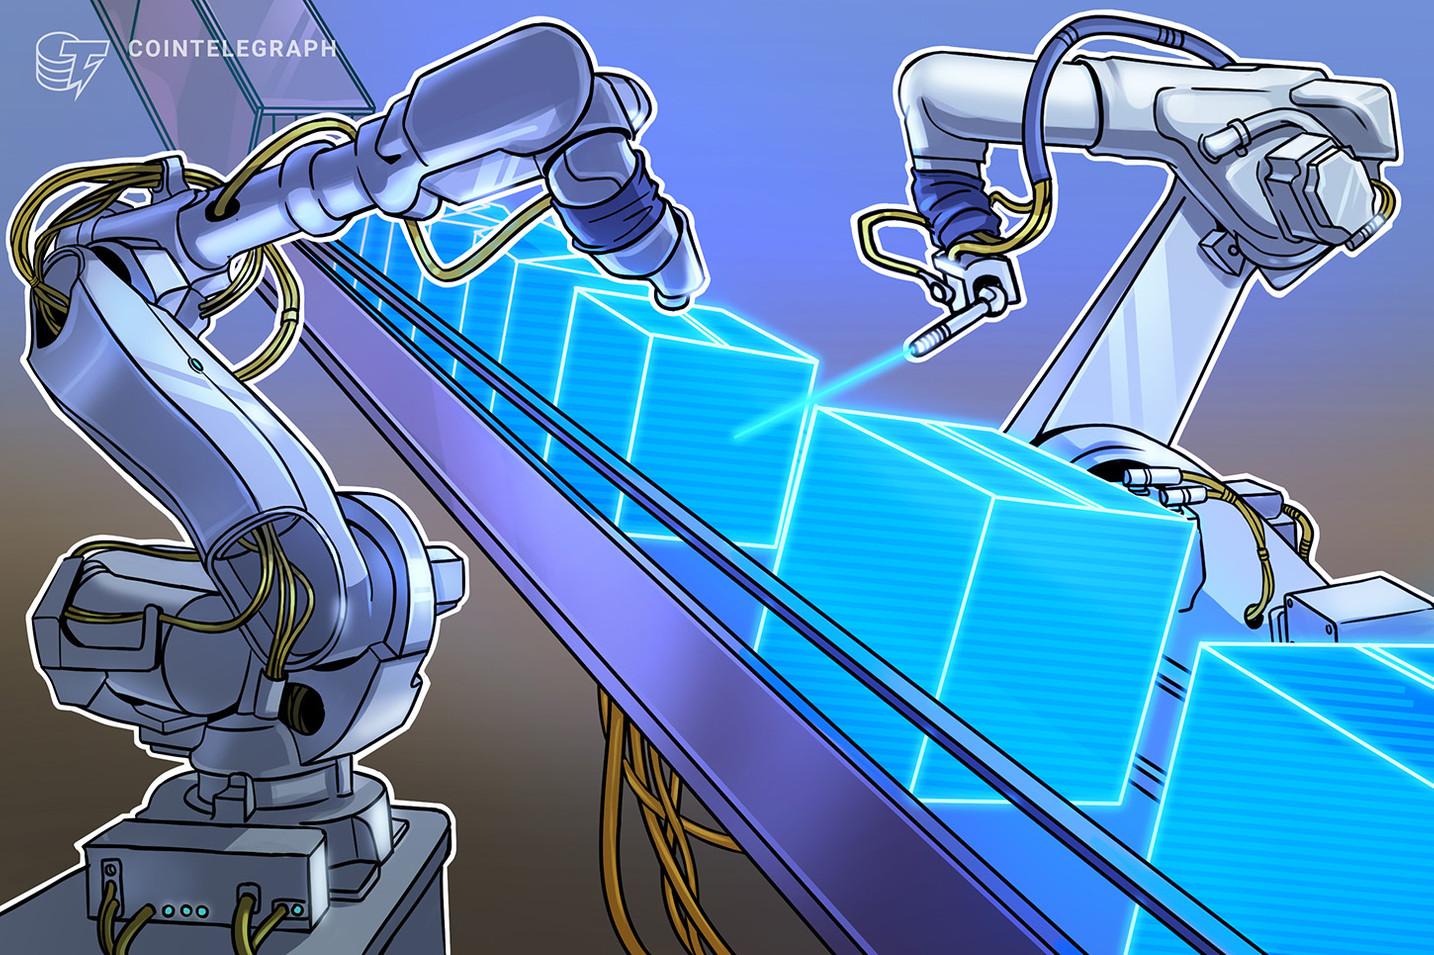 Produção de blocos de rede Liquid é retomada após problemas de processamento de transações